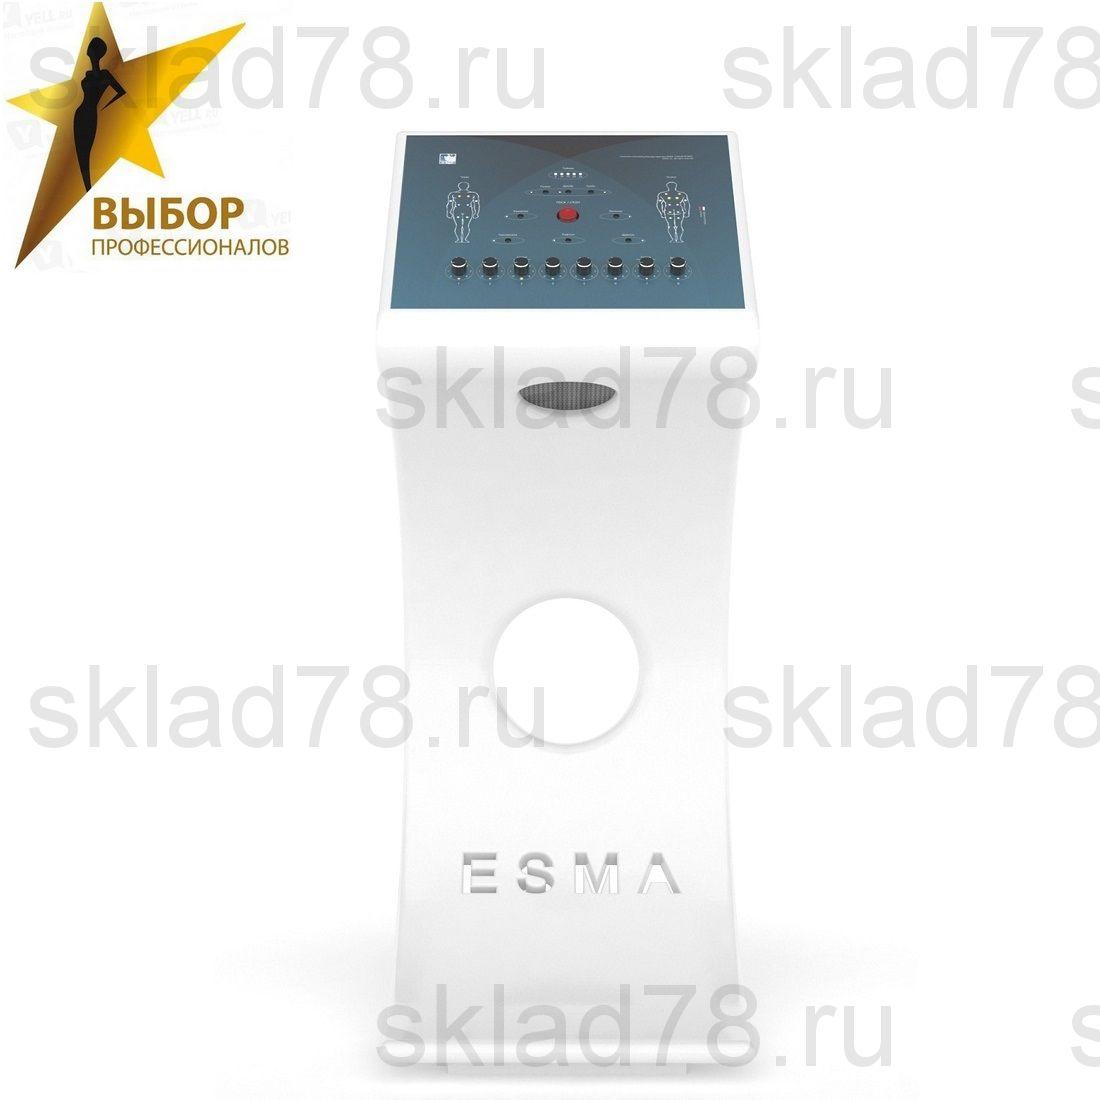 EMS профессиональный тренажер ЭСМА Фитнес 12.06.08 с фигурной белой стойкой